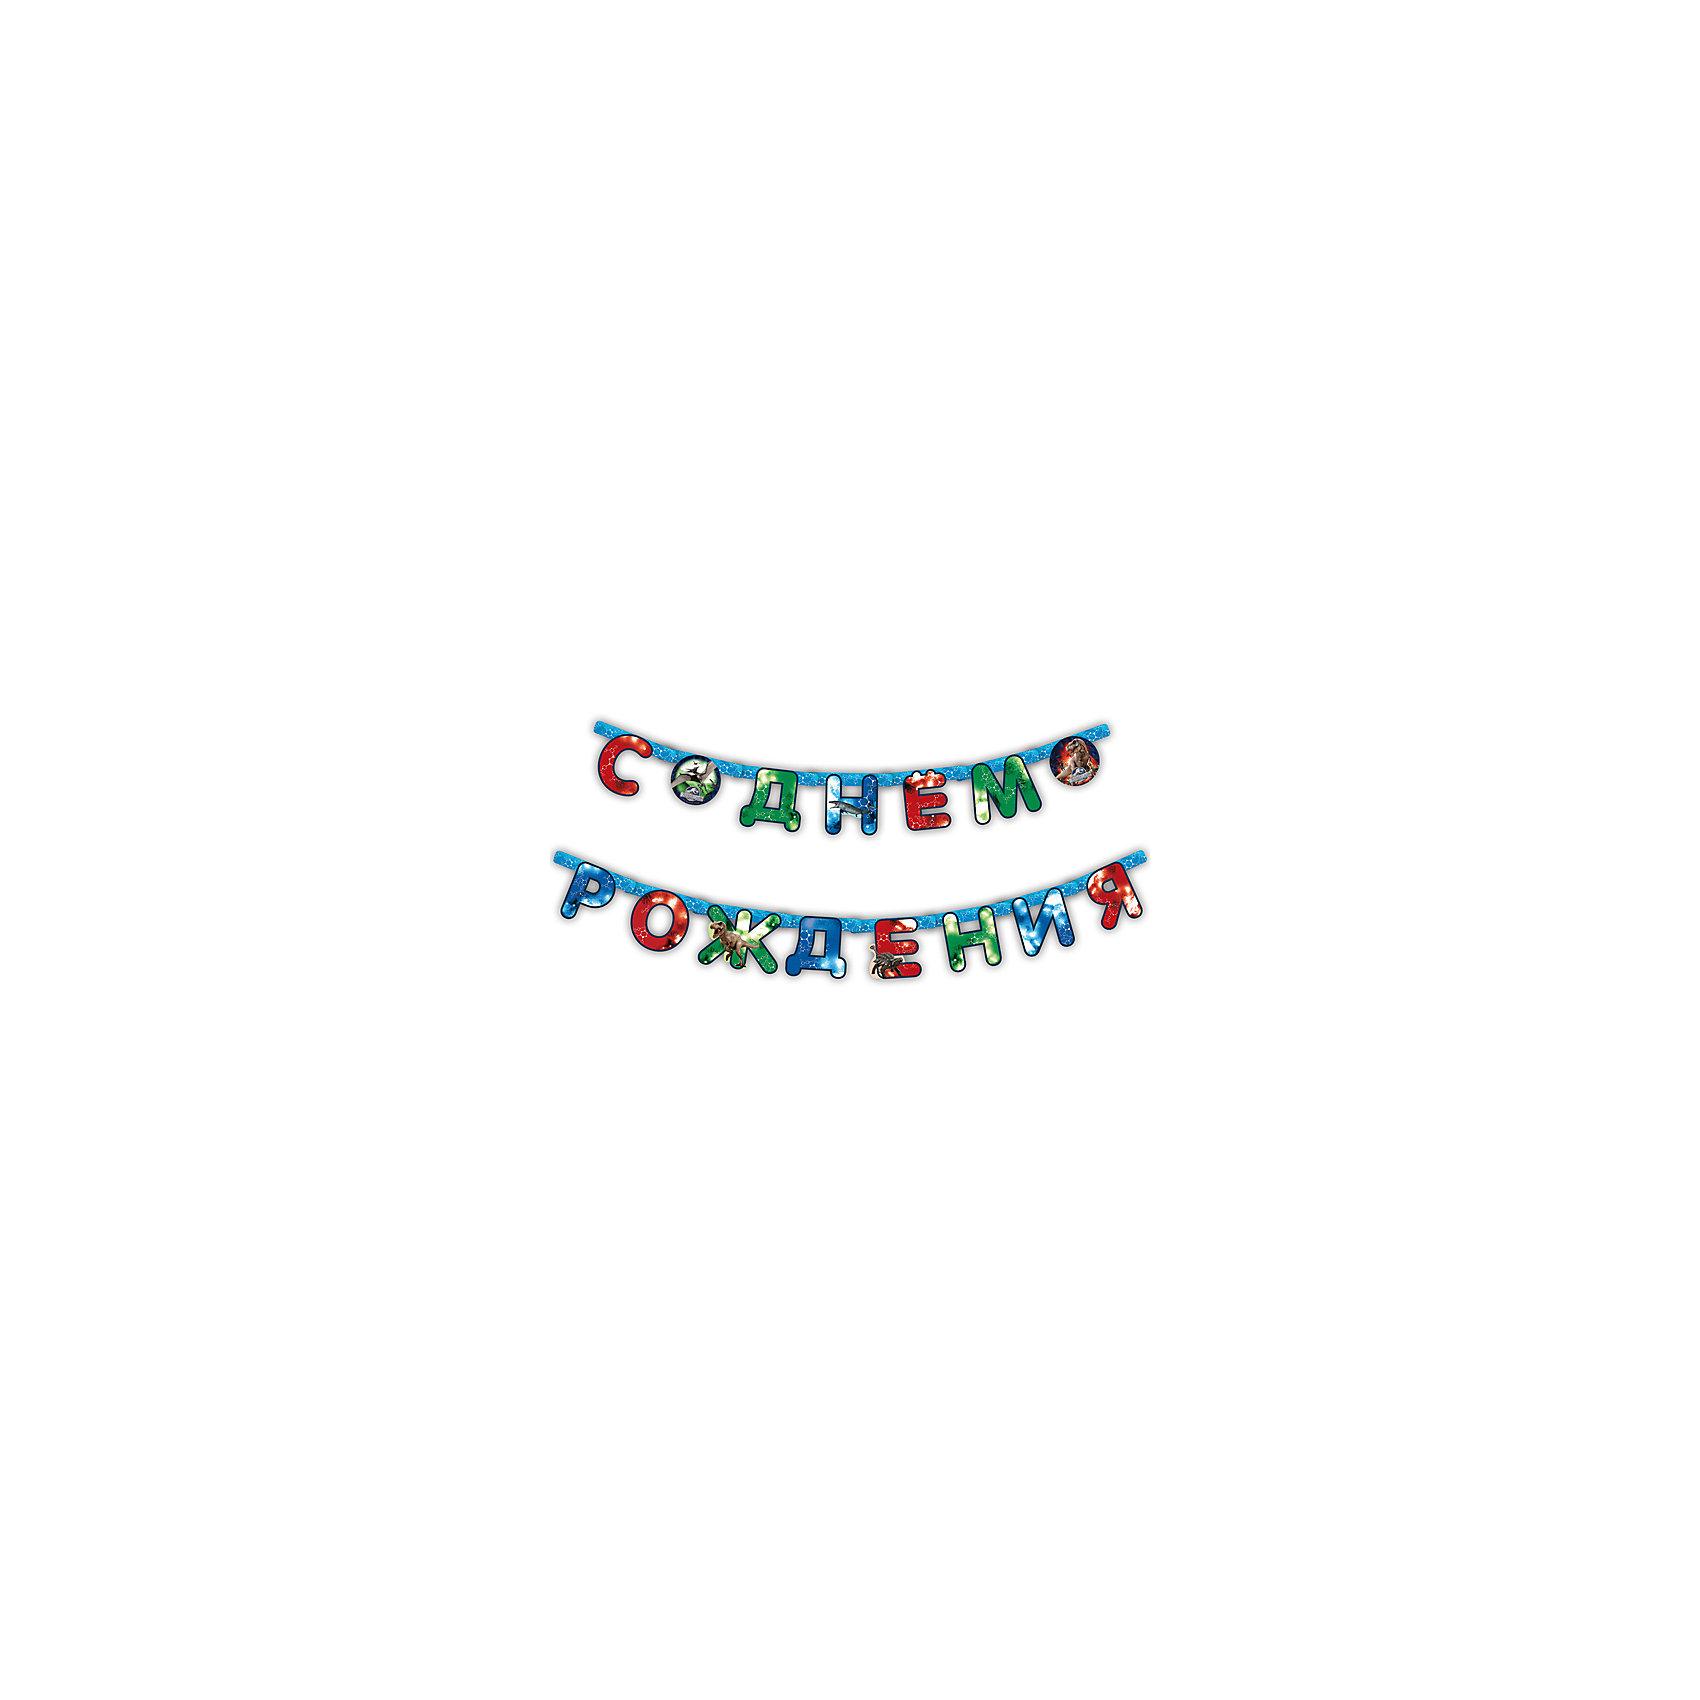 Гирлянда C днем рождения 2,5 м, Парк Юрского ПериодаНовинки для детской<br>Гирлянда C днем рождения 2,5 м, Парк Юрского Периода – яркий аксессуар станет отличным украшением для комнаты именинника.<br>Стильная гирлянда «C Днем Рождения» с динозаврами из фильма «Парк Юрского Периода» поможет ярко преобразить помещение к детскому празднику, создать торжественную атмосферу и поднять настроение имениннику и всем гостям.<br><br>Дополнительная информация:<br><br>- Длина: 2,5 м.<br>- Высота флажков: 15 см.<br>- Материал: бумага<br>- Способ крепления: люверс<br><br>Гирлянду C днем рождения 2,5 м, Парк Юрского Периода можно купить в нашем интернет-магазине.<br><br>Ширина мм: 290<br>Глубина мм: 240<br>Высота мм: 10<br>Вес г: 80<br>Возраст от месяцев: 36<br>Возраст до месяцев: 96<br>Пол: Мужской<br>Возраст: Детский<br>SKU: 4278327